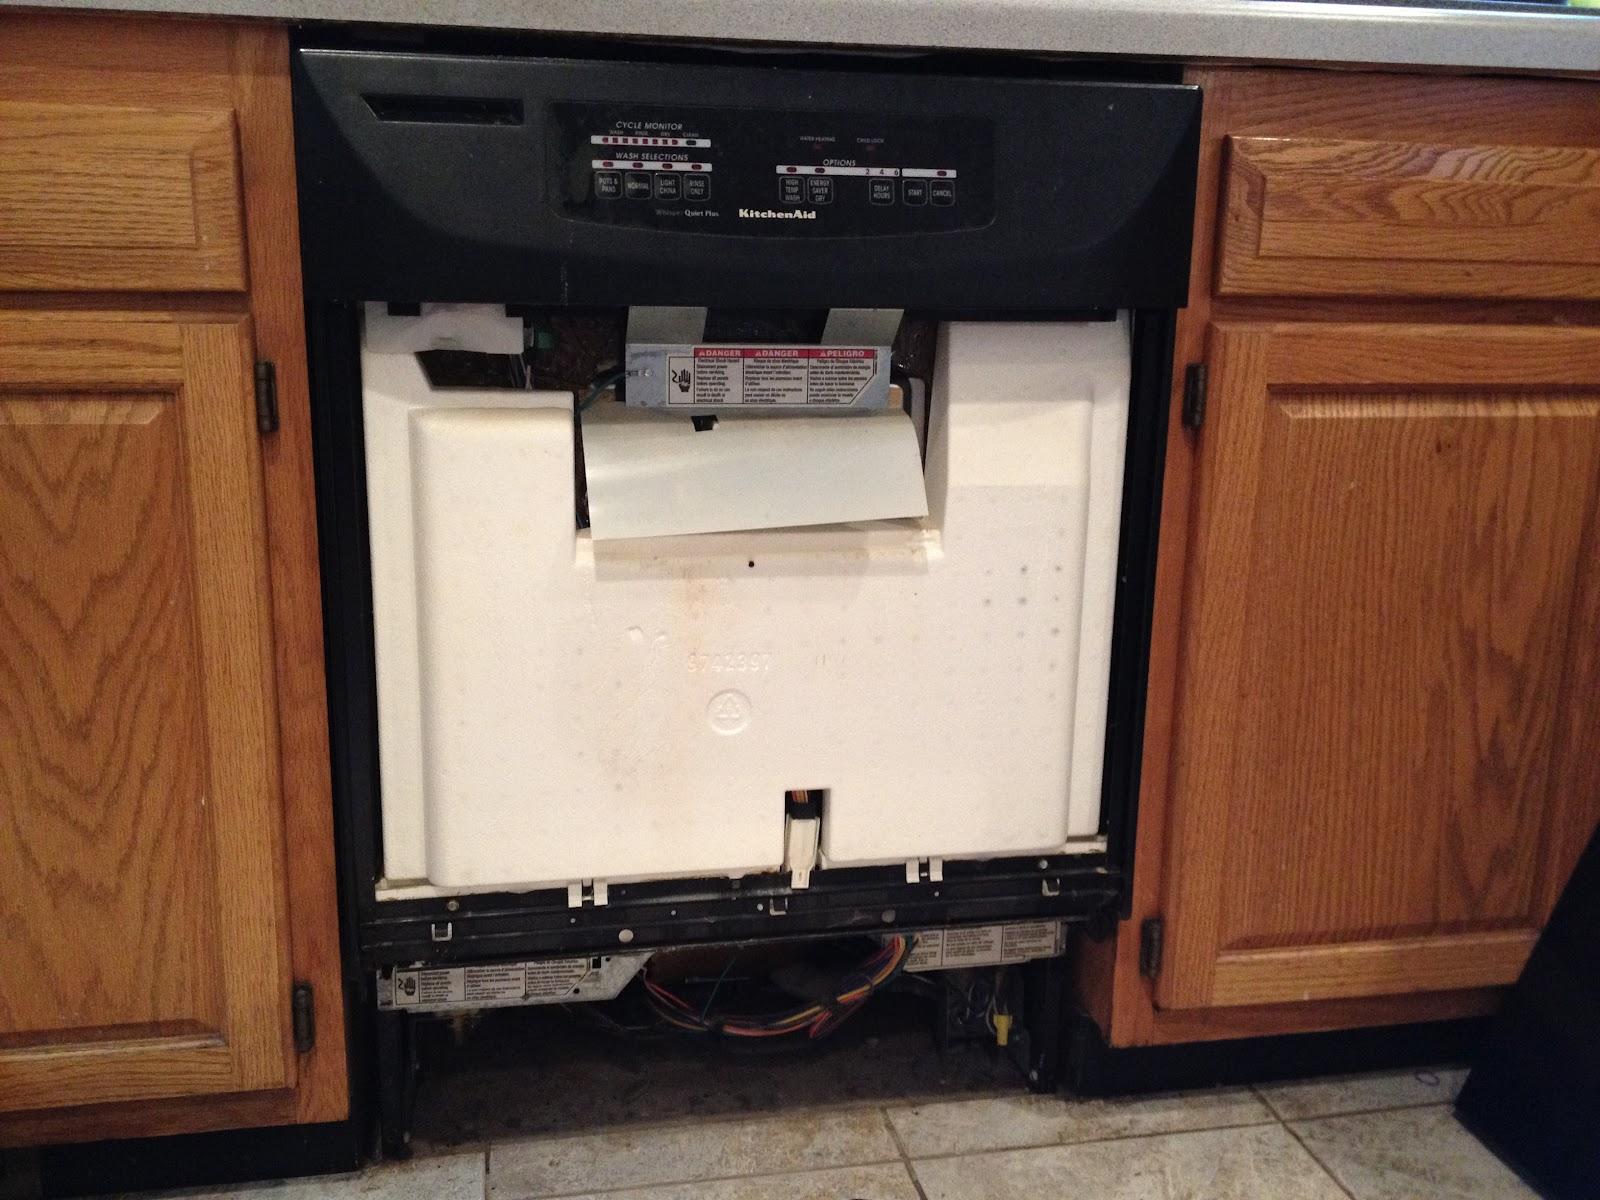 Kitchen Aide Dishwasher Glad Bags Door Will Not Open How To Fix Broken